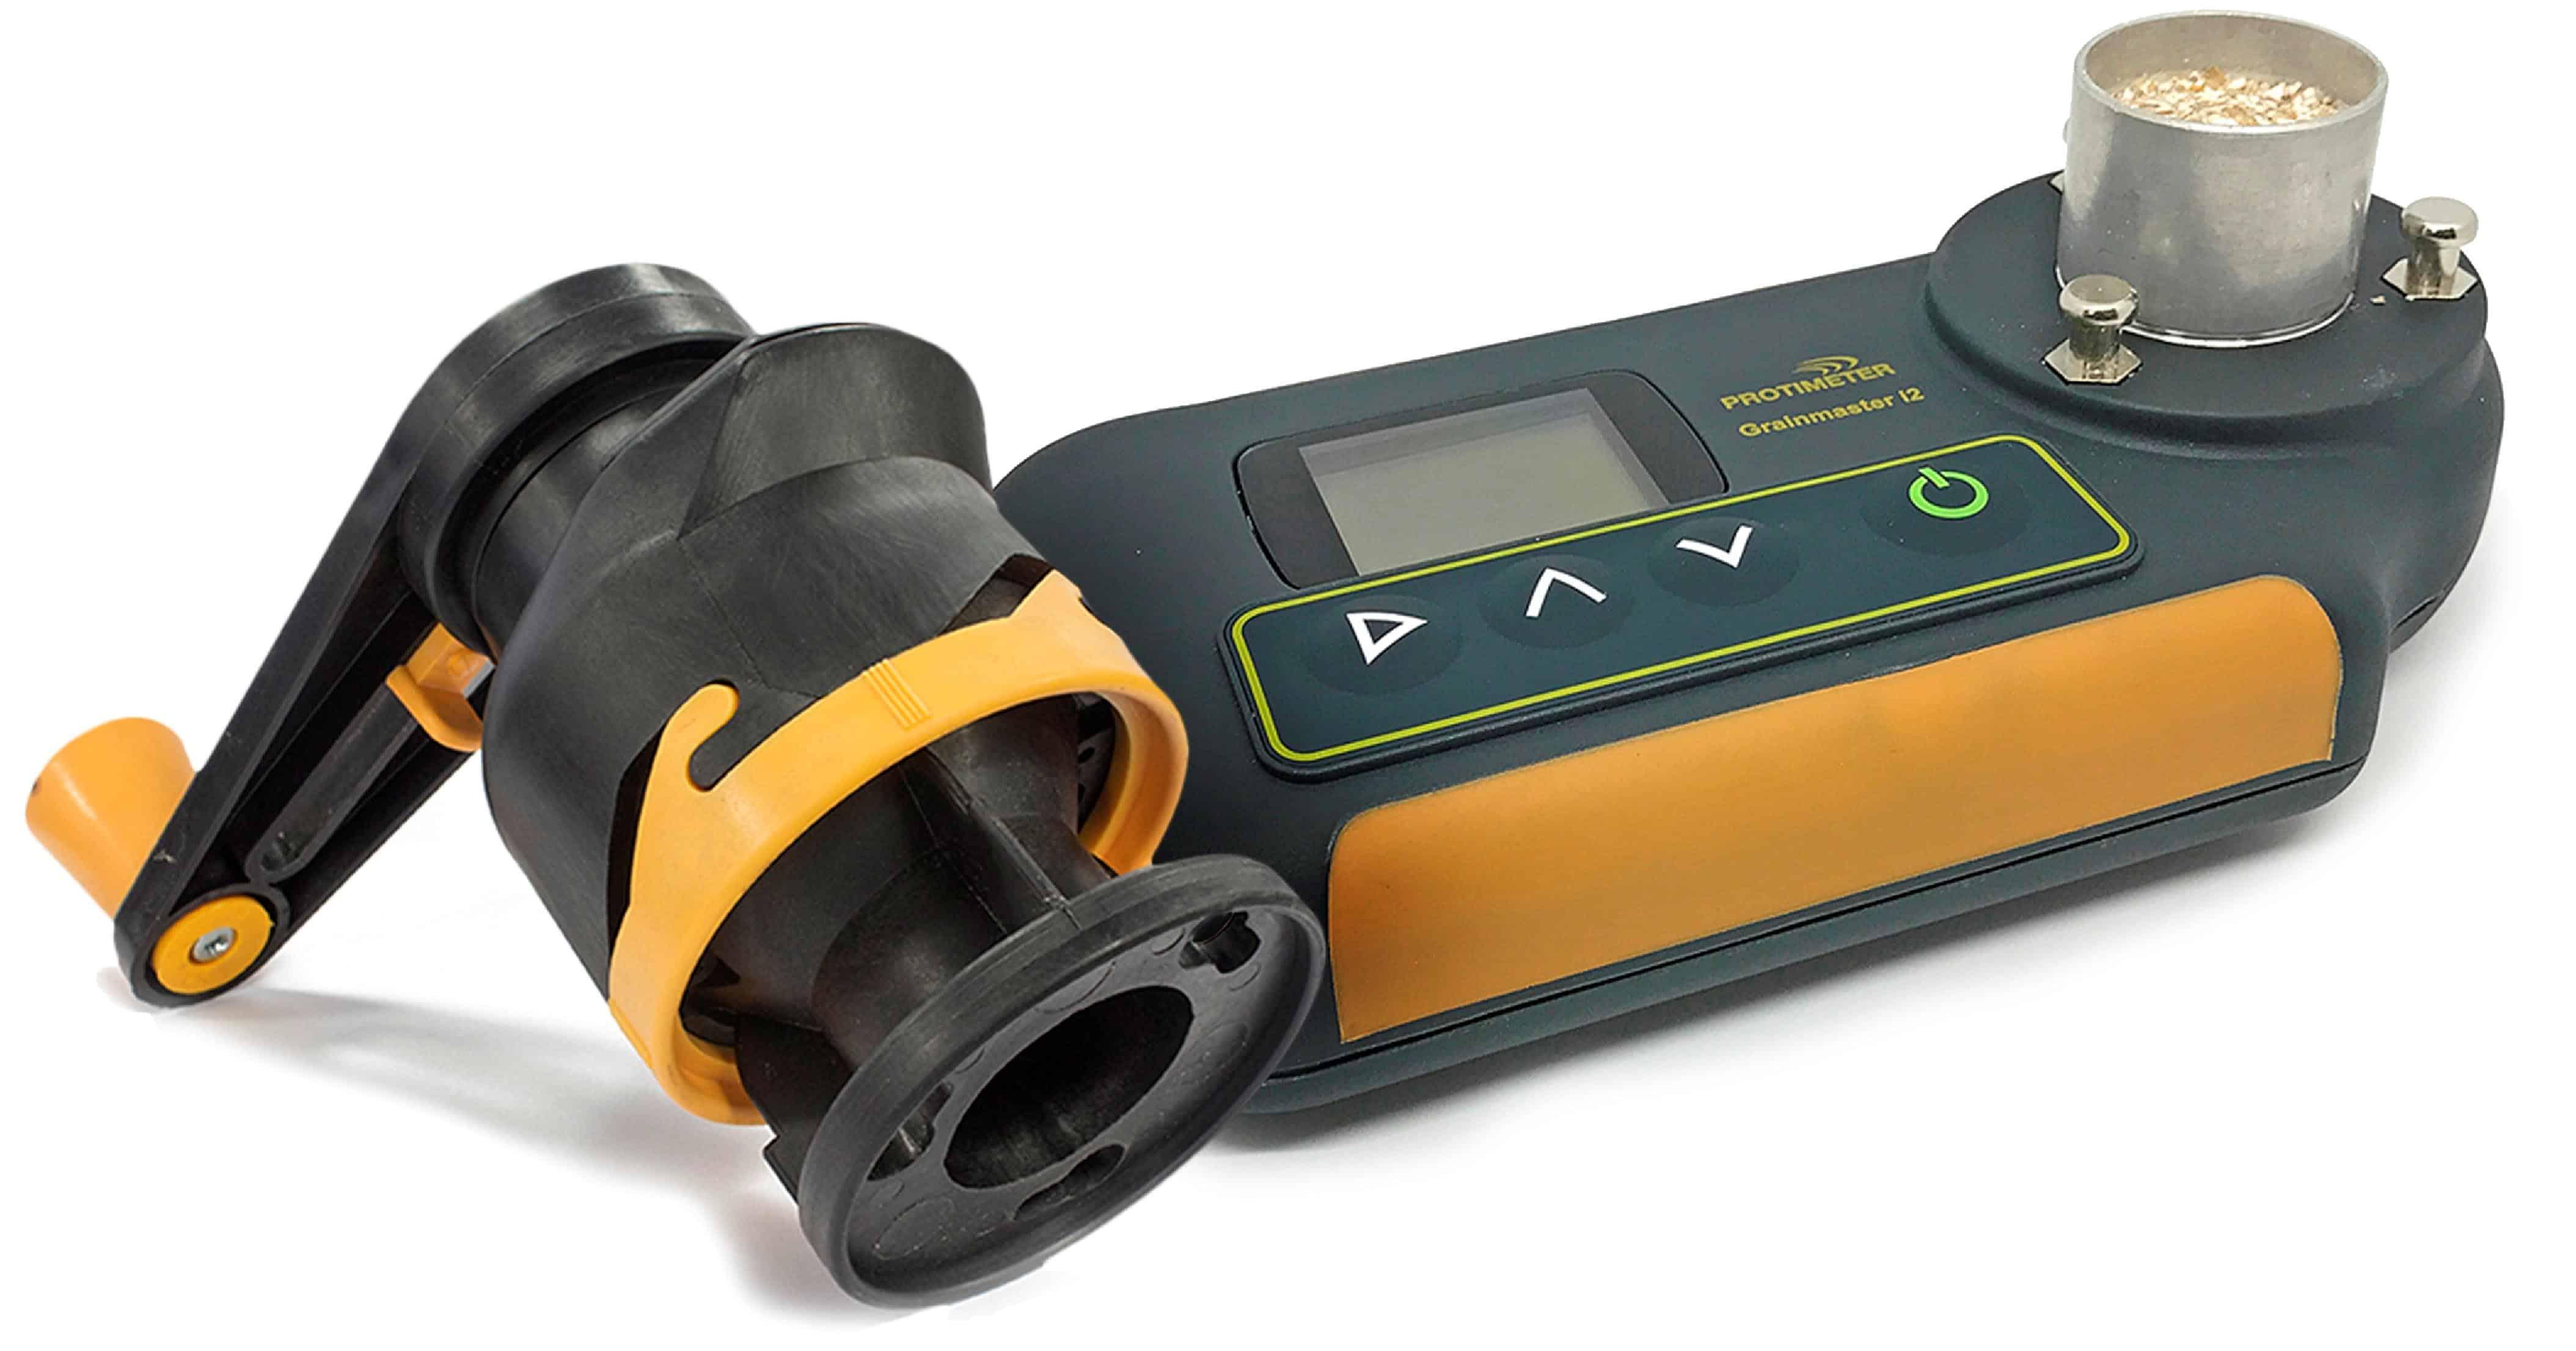 Protimeter Grainmaster i2s Pflanzenfeuchtemessgerät mit Mühlenkompressoreinheit